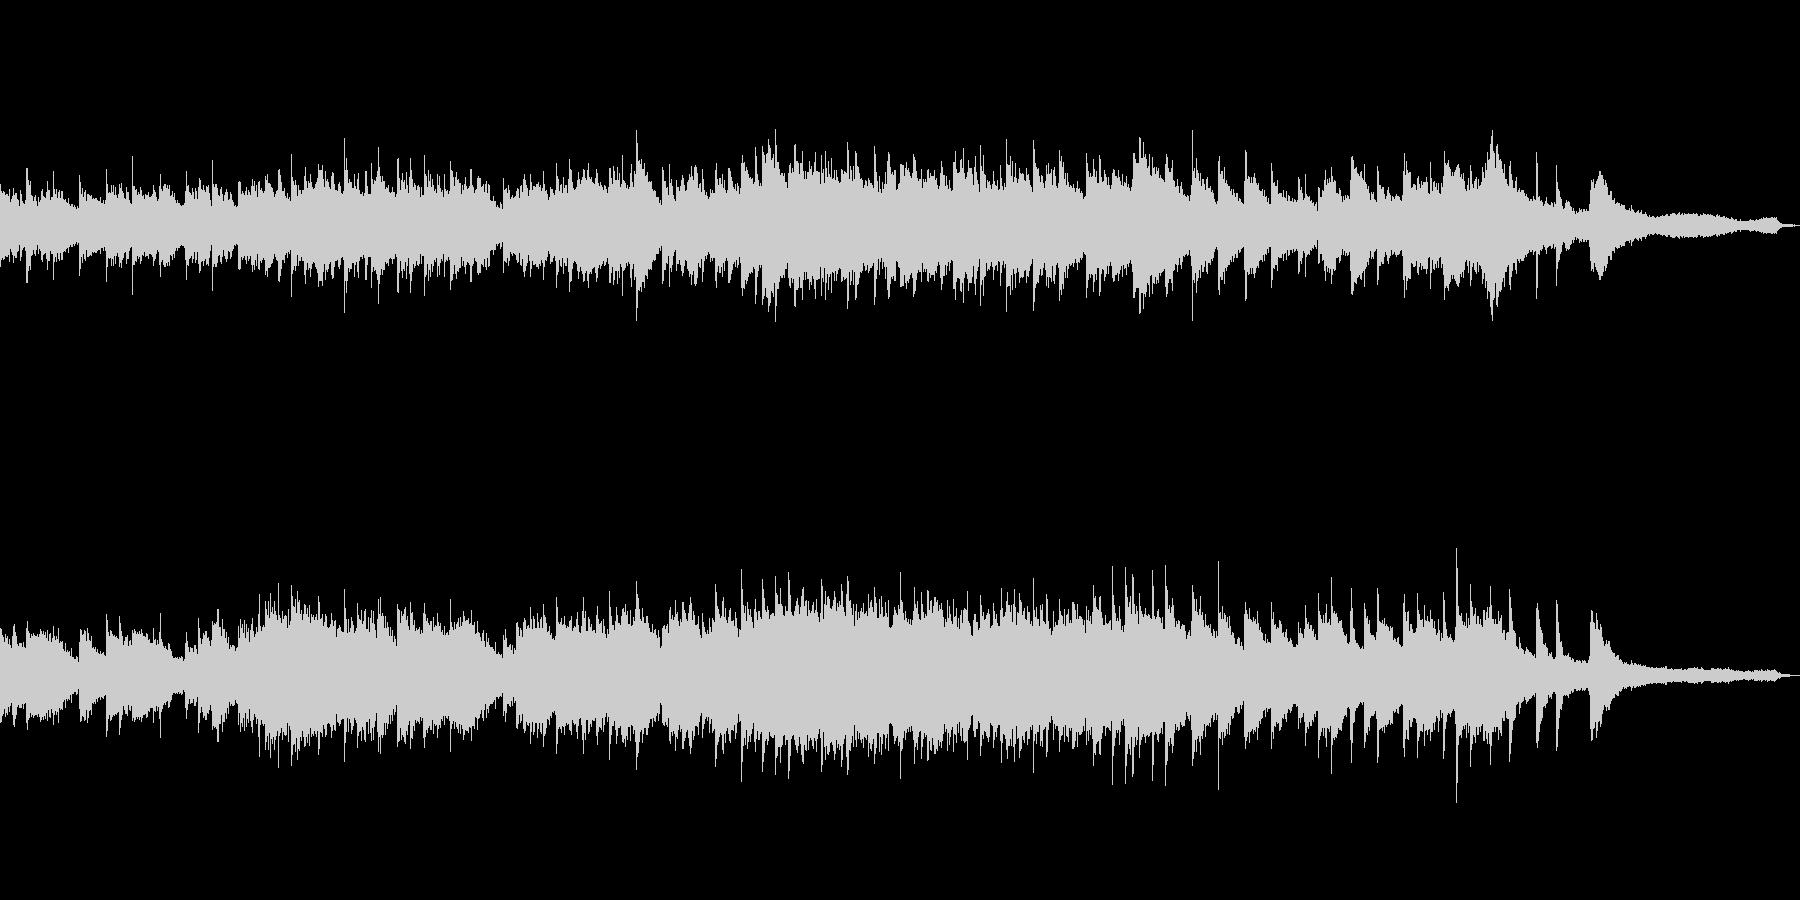 アルペジオが印象的なソロピアノの小品の未再生の波形